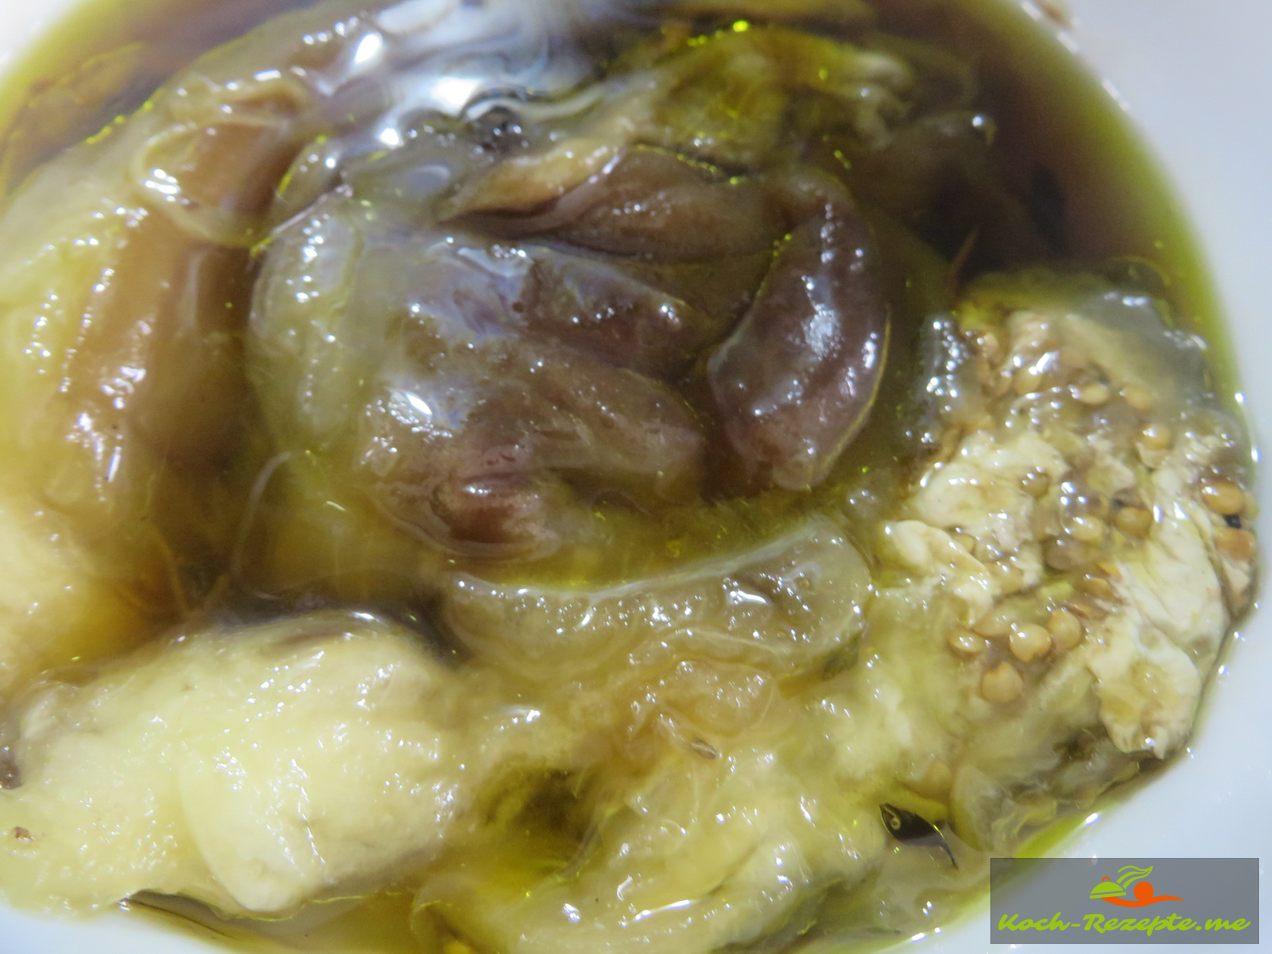 Im Backofen 15 Min. bei 220 Grad gebacken, dann das Fruchtfleisch aus der Schale löffeln